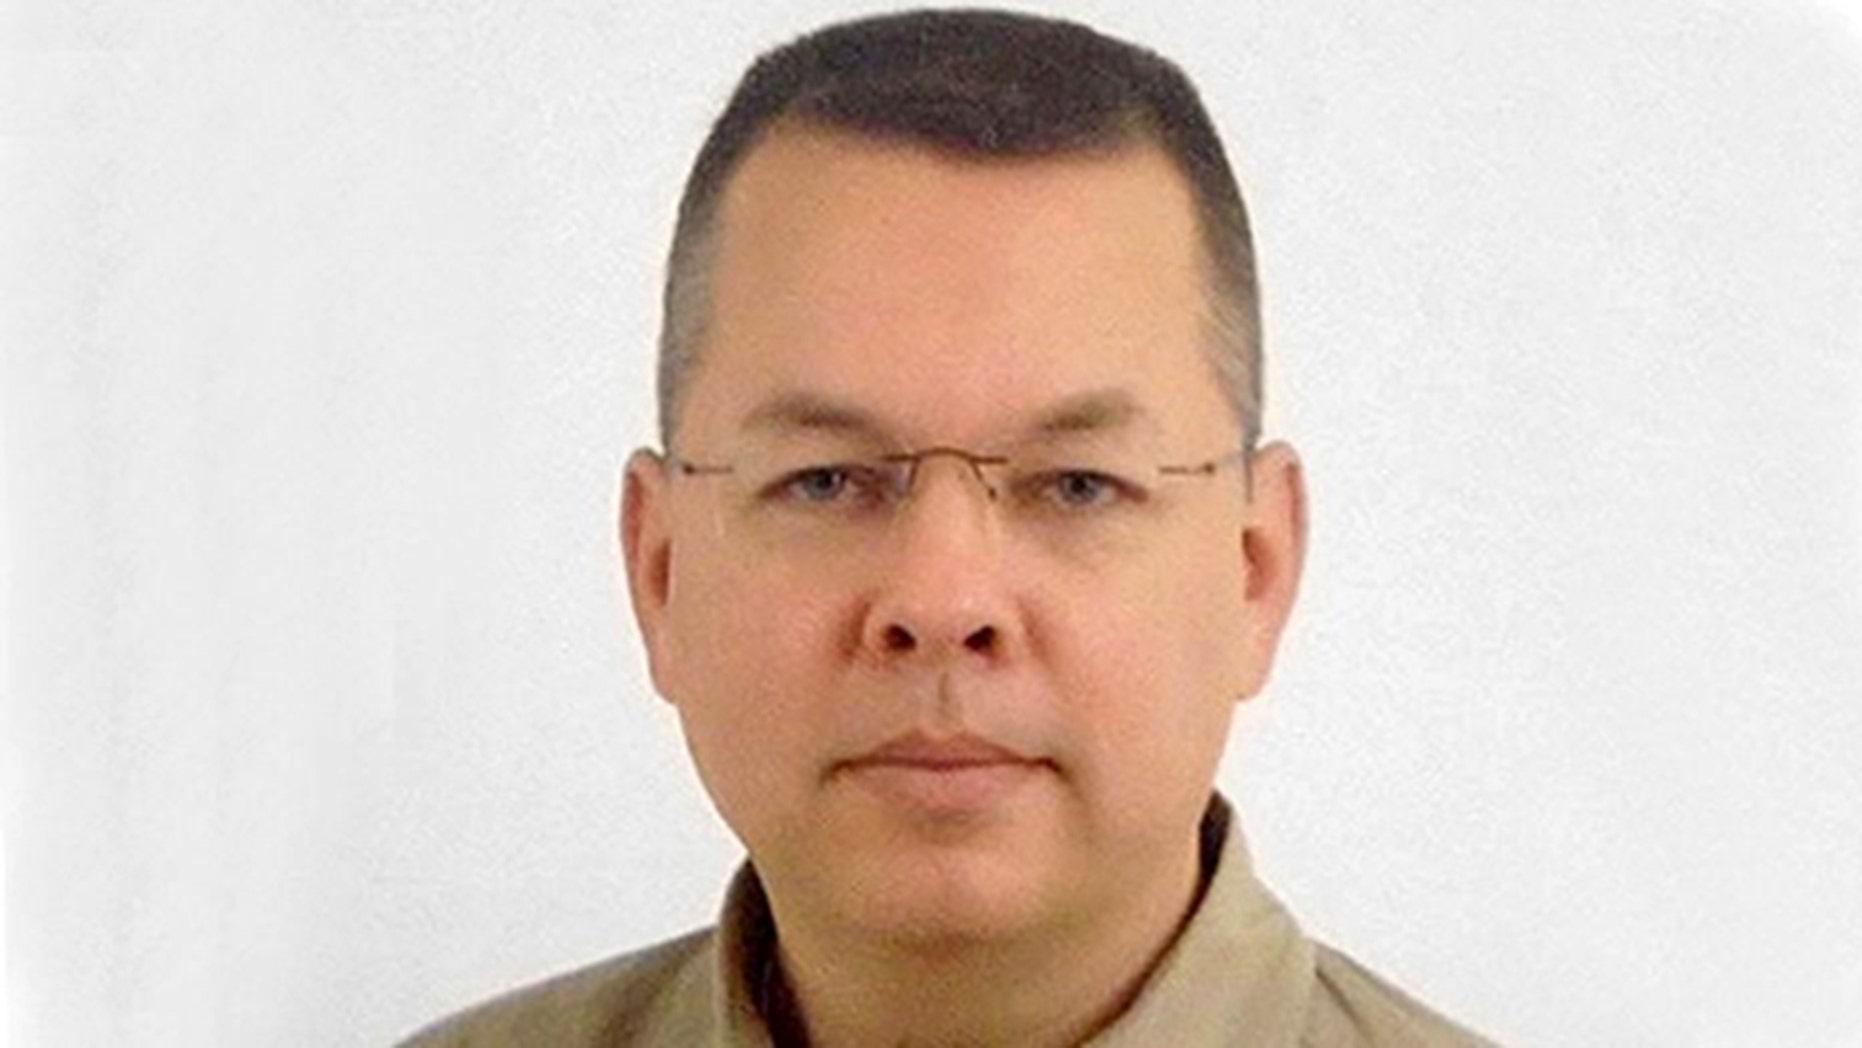 Pastor Andrew Brunson has been imprisoned in Turkey